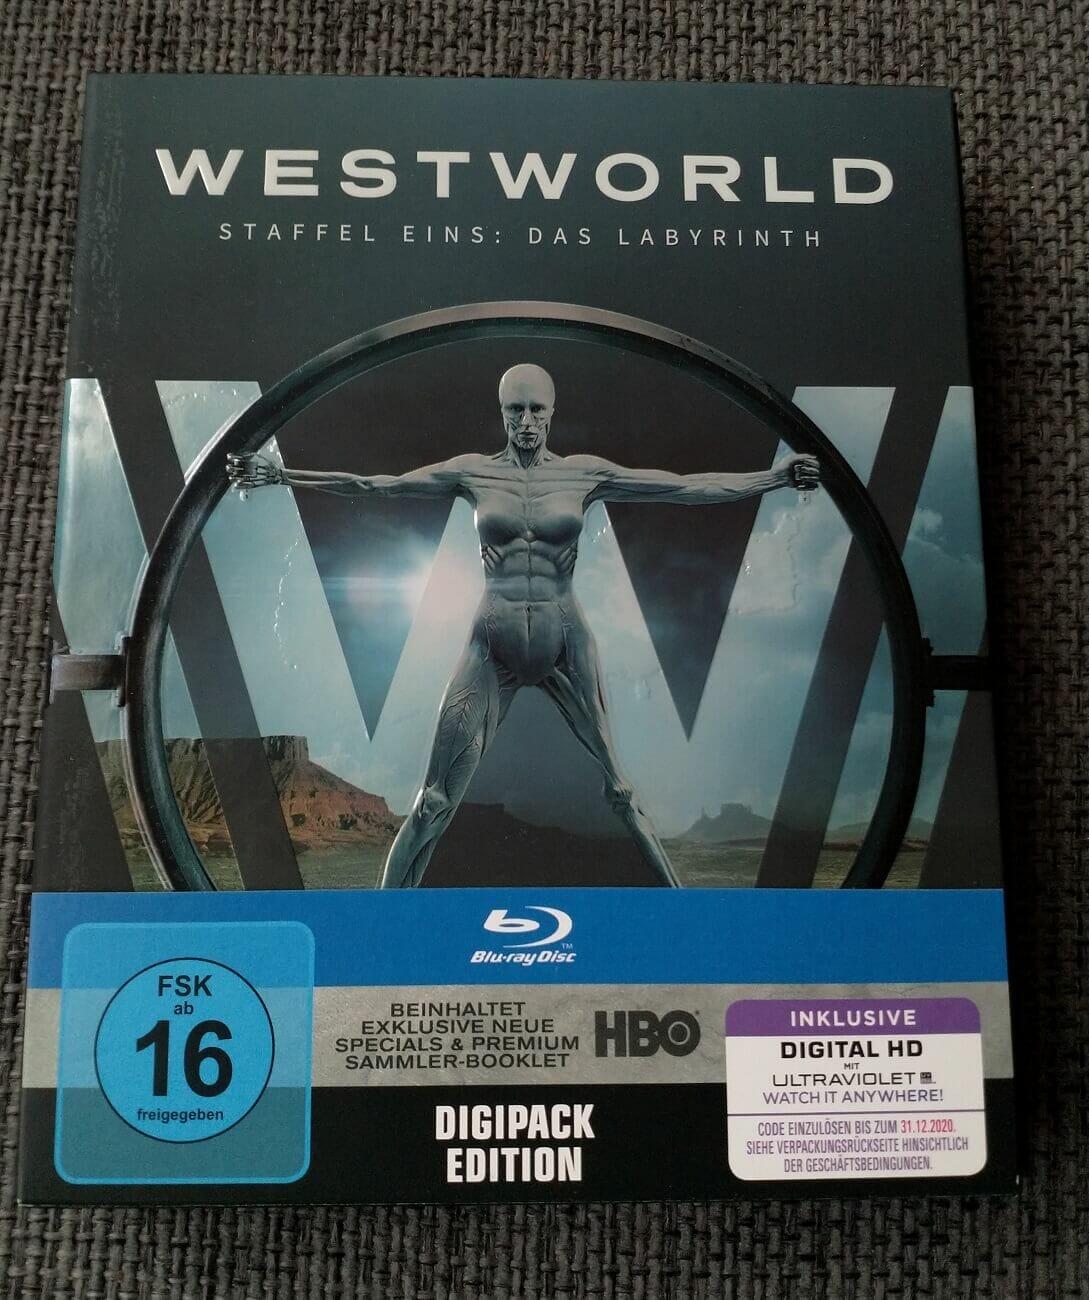 Westworld Staffel 1 Digipack Vorderseite